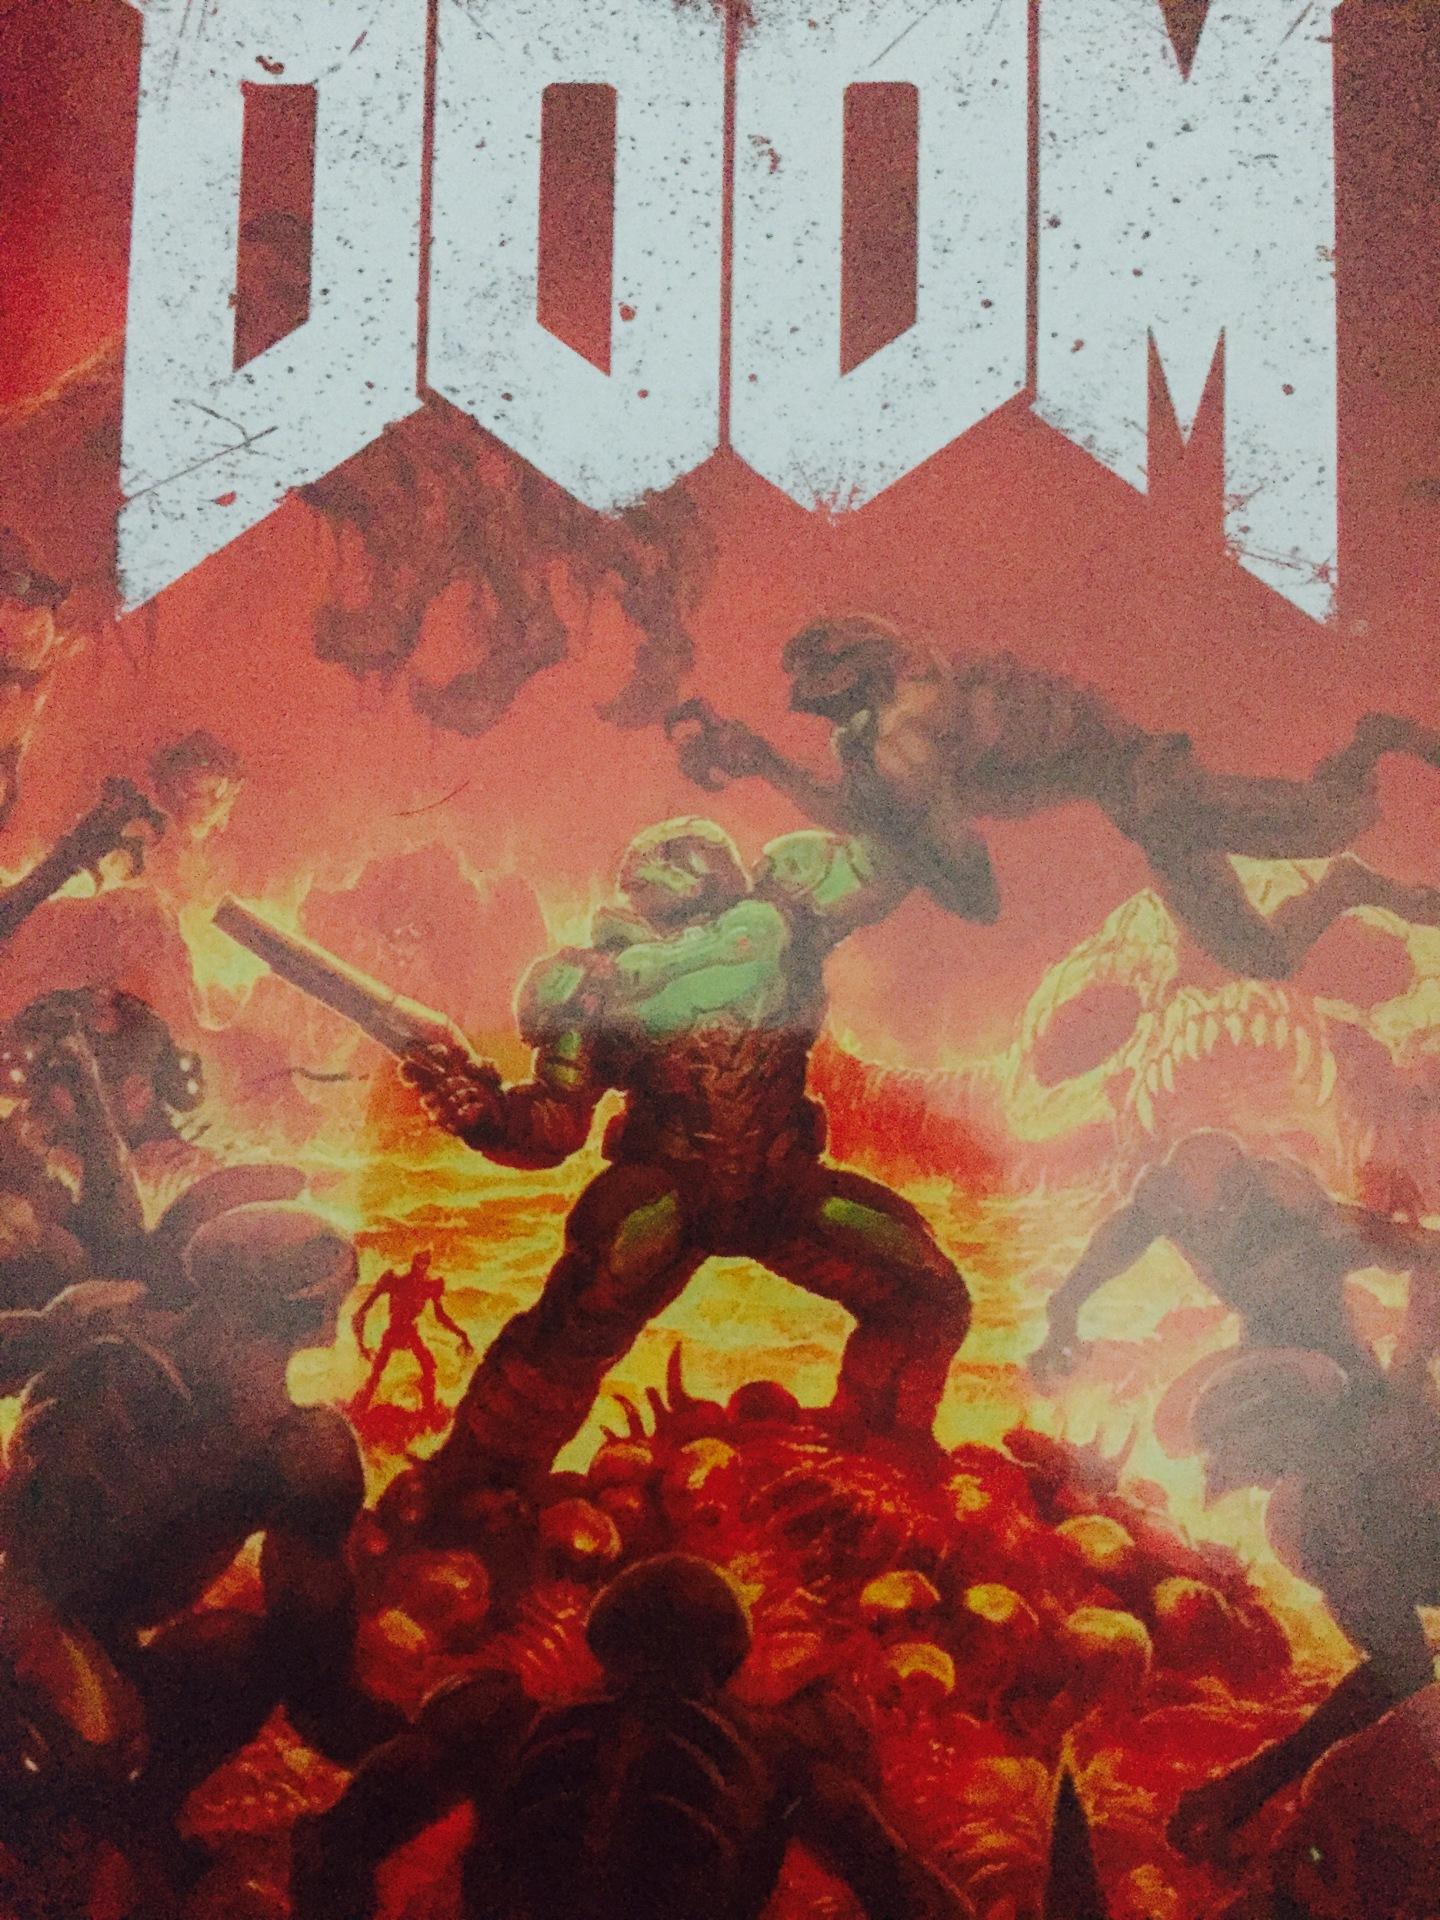 Doom review 2016